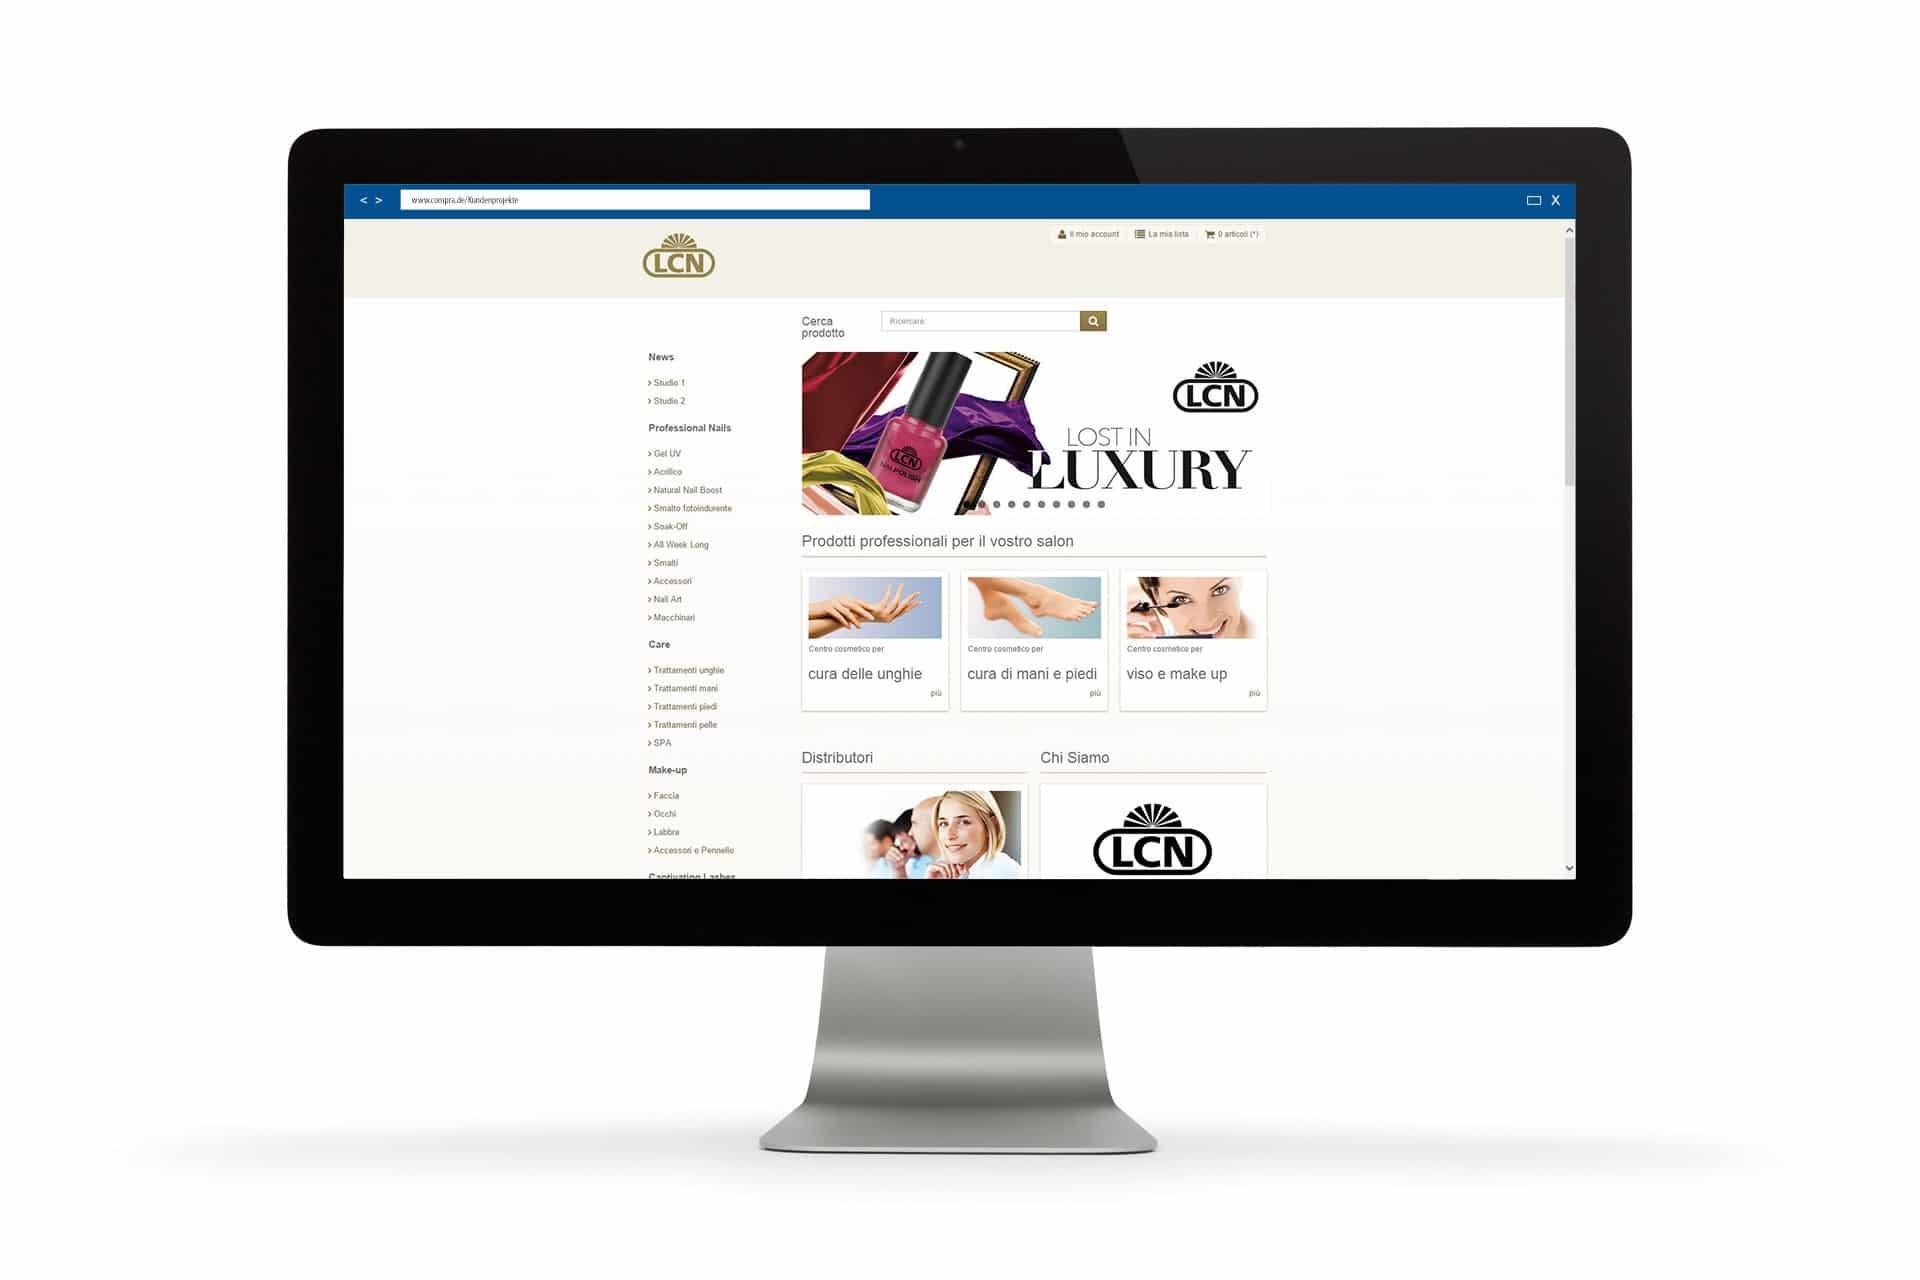 Die Startseite des LCN Profi Shops Italien